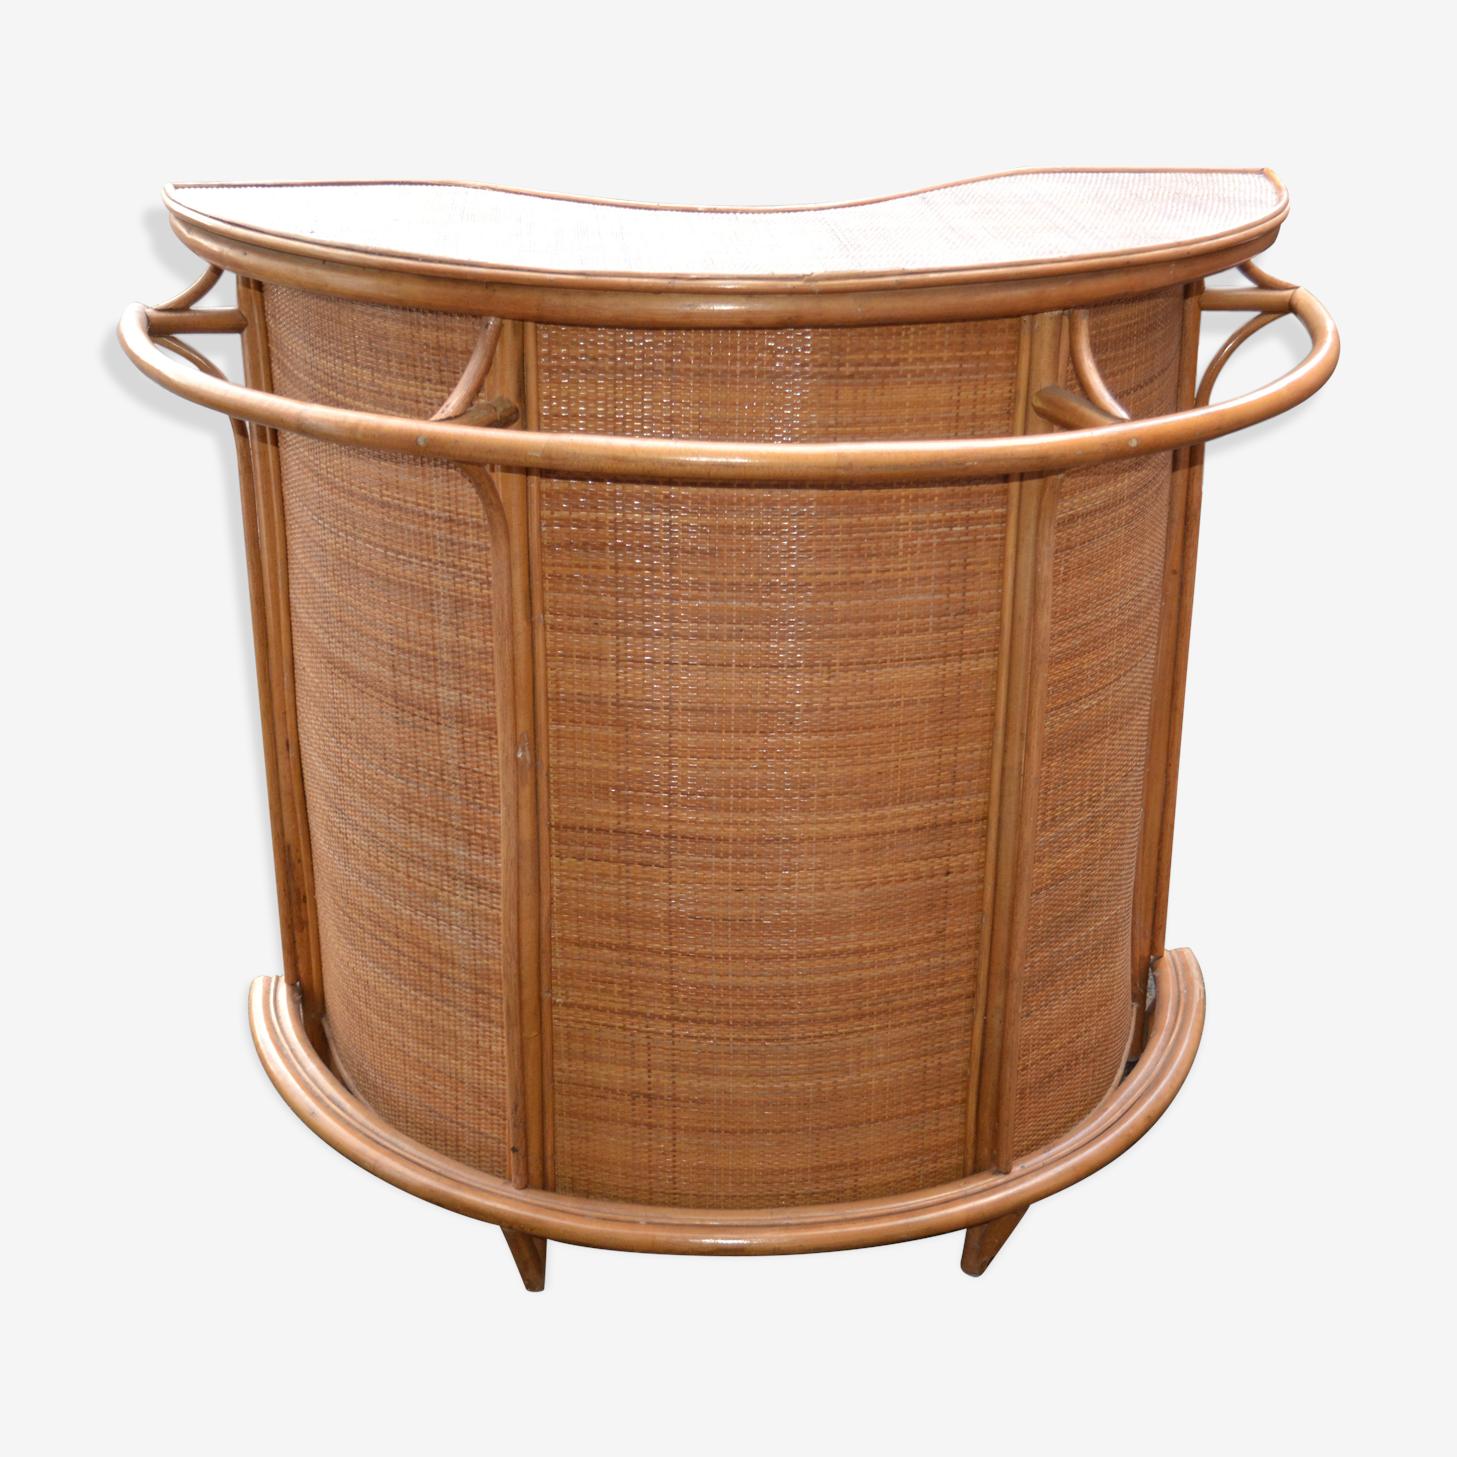 Bar vintage en rotin et bambou des année 50-60 's